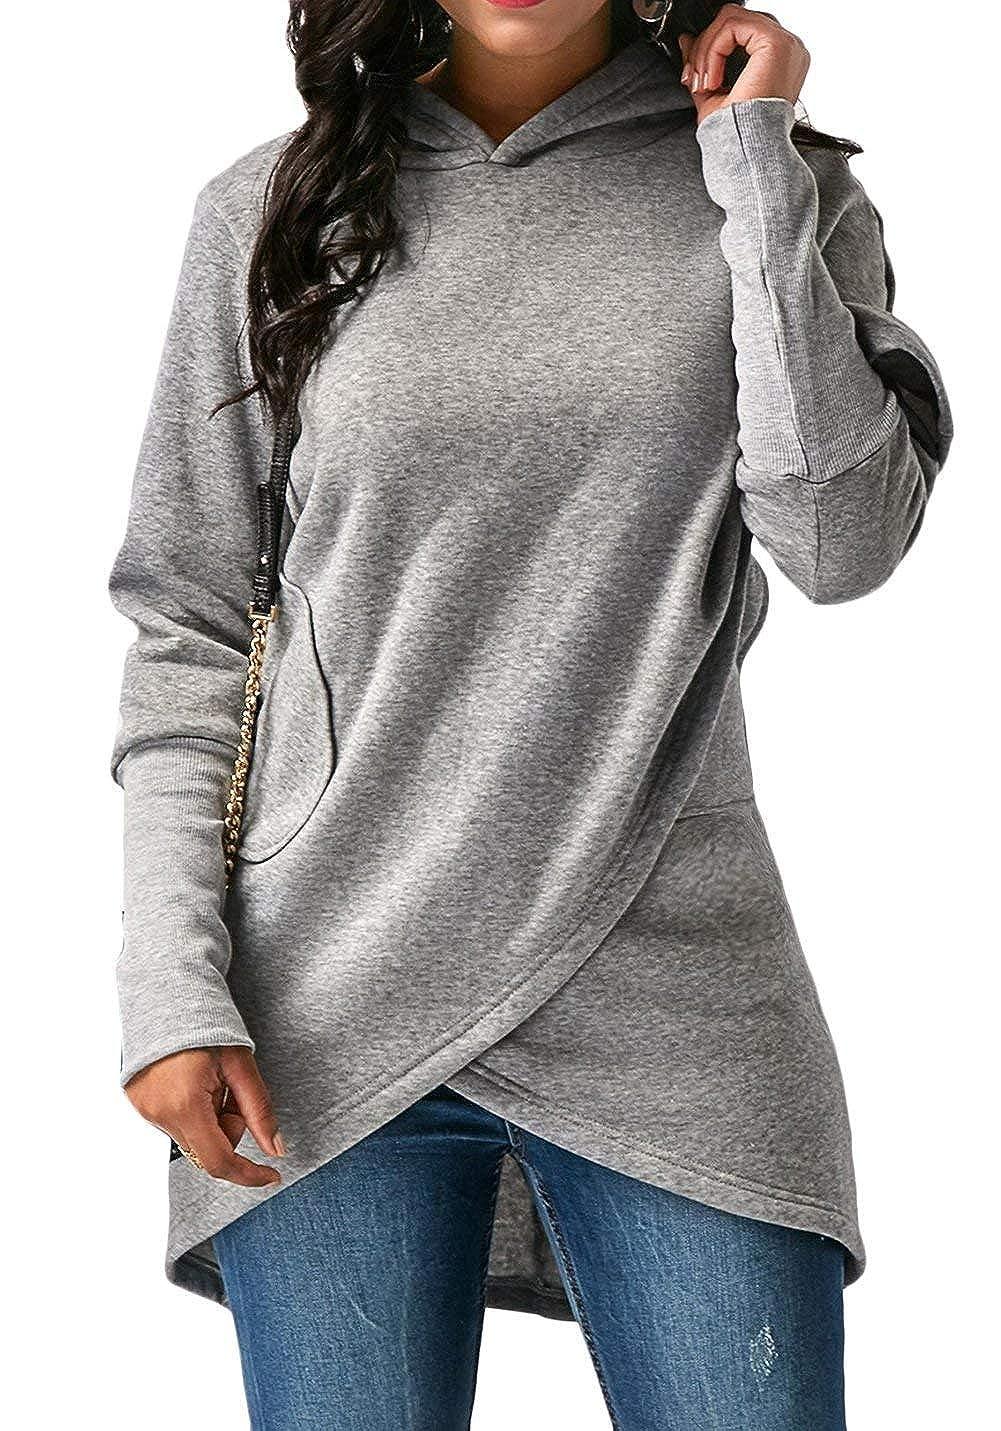 huge discount 834ac 45caf Neu Huixin Langarmshirt Damen Lose Oversize Pullover ...